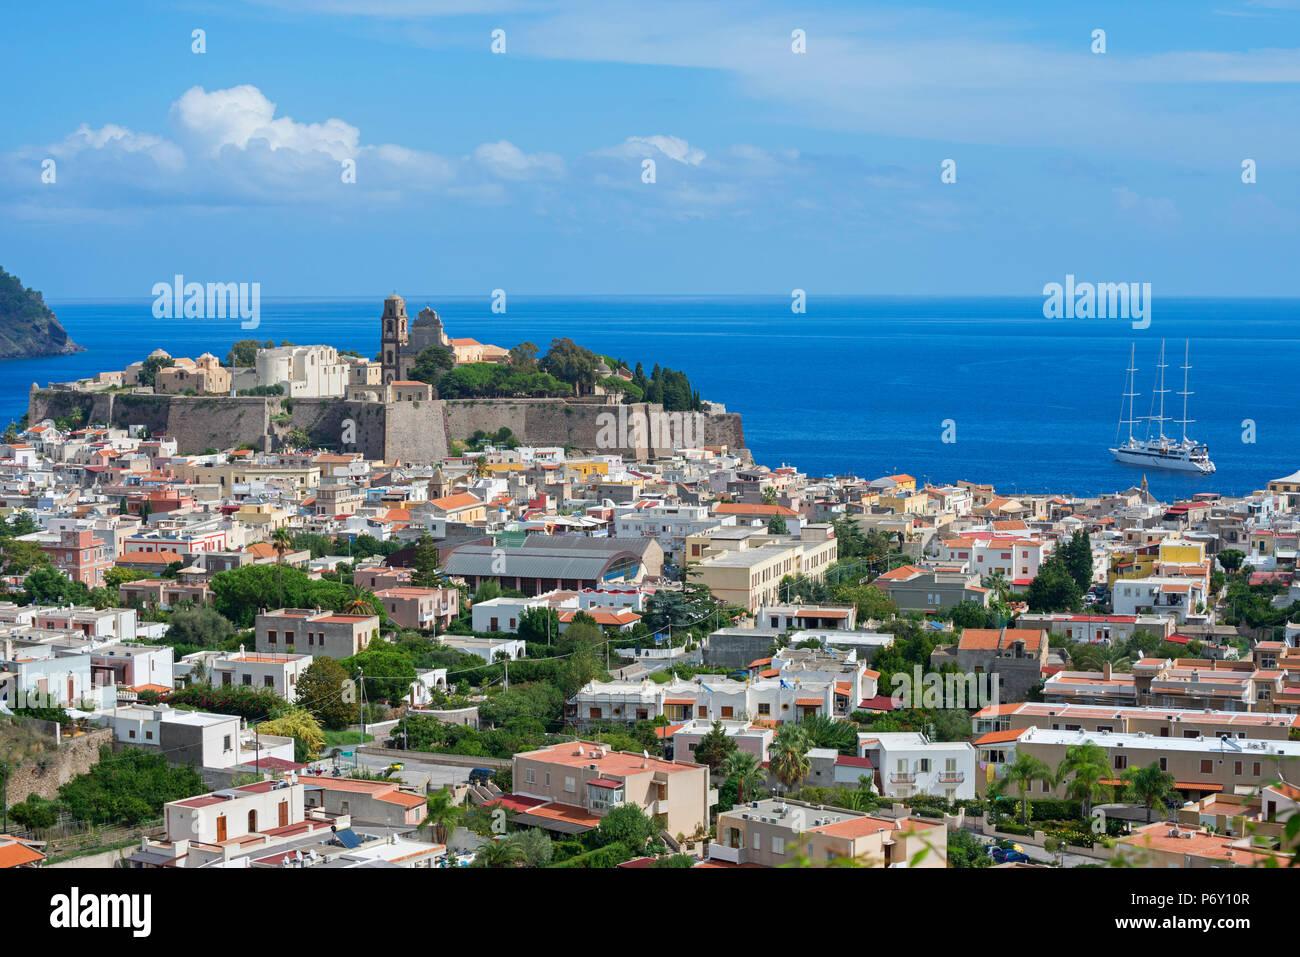 Lipari, Isola di Lipari, Isole Eolie, Sito Patrimonio Mondiale dell'UNESCO, Sicilia, Italia, Mediterraneo, Europa Immagini Stock